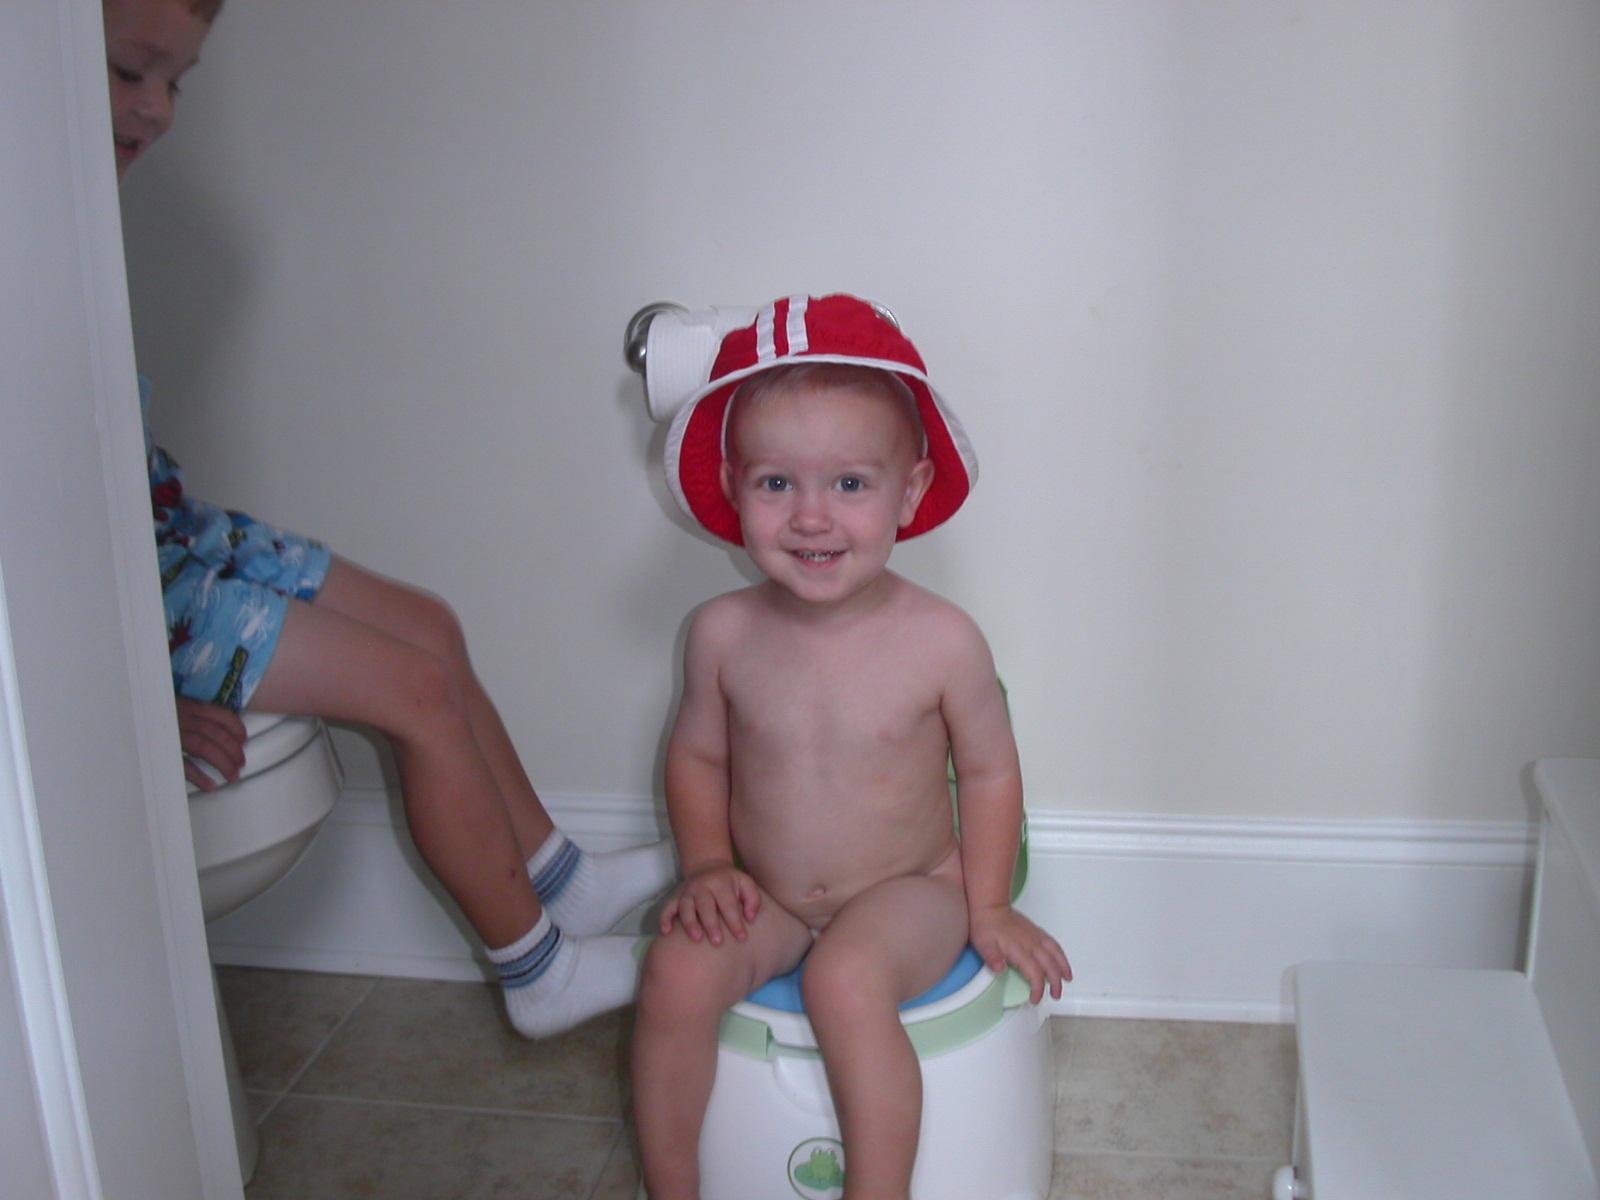 [Landon+on+the+potty]